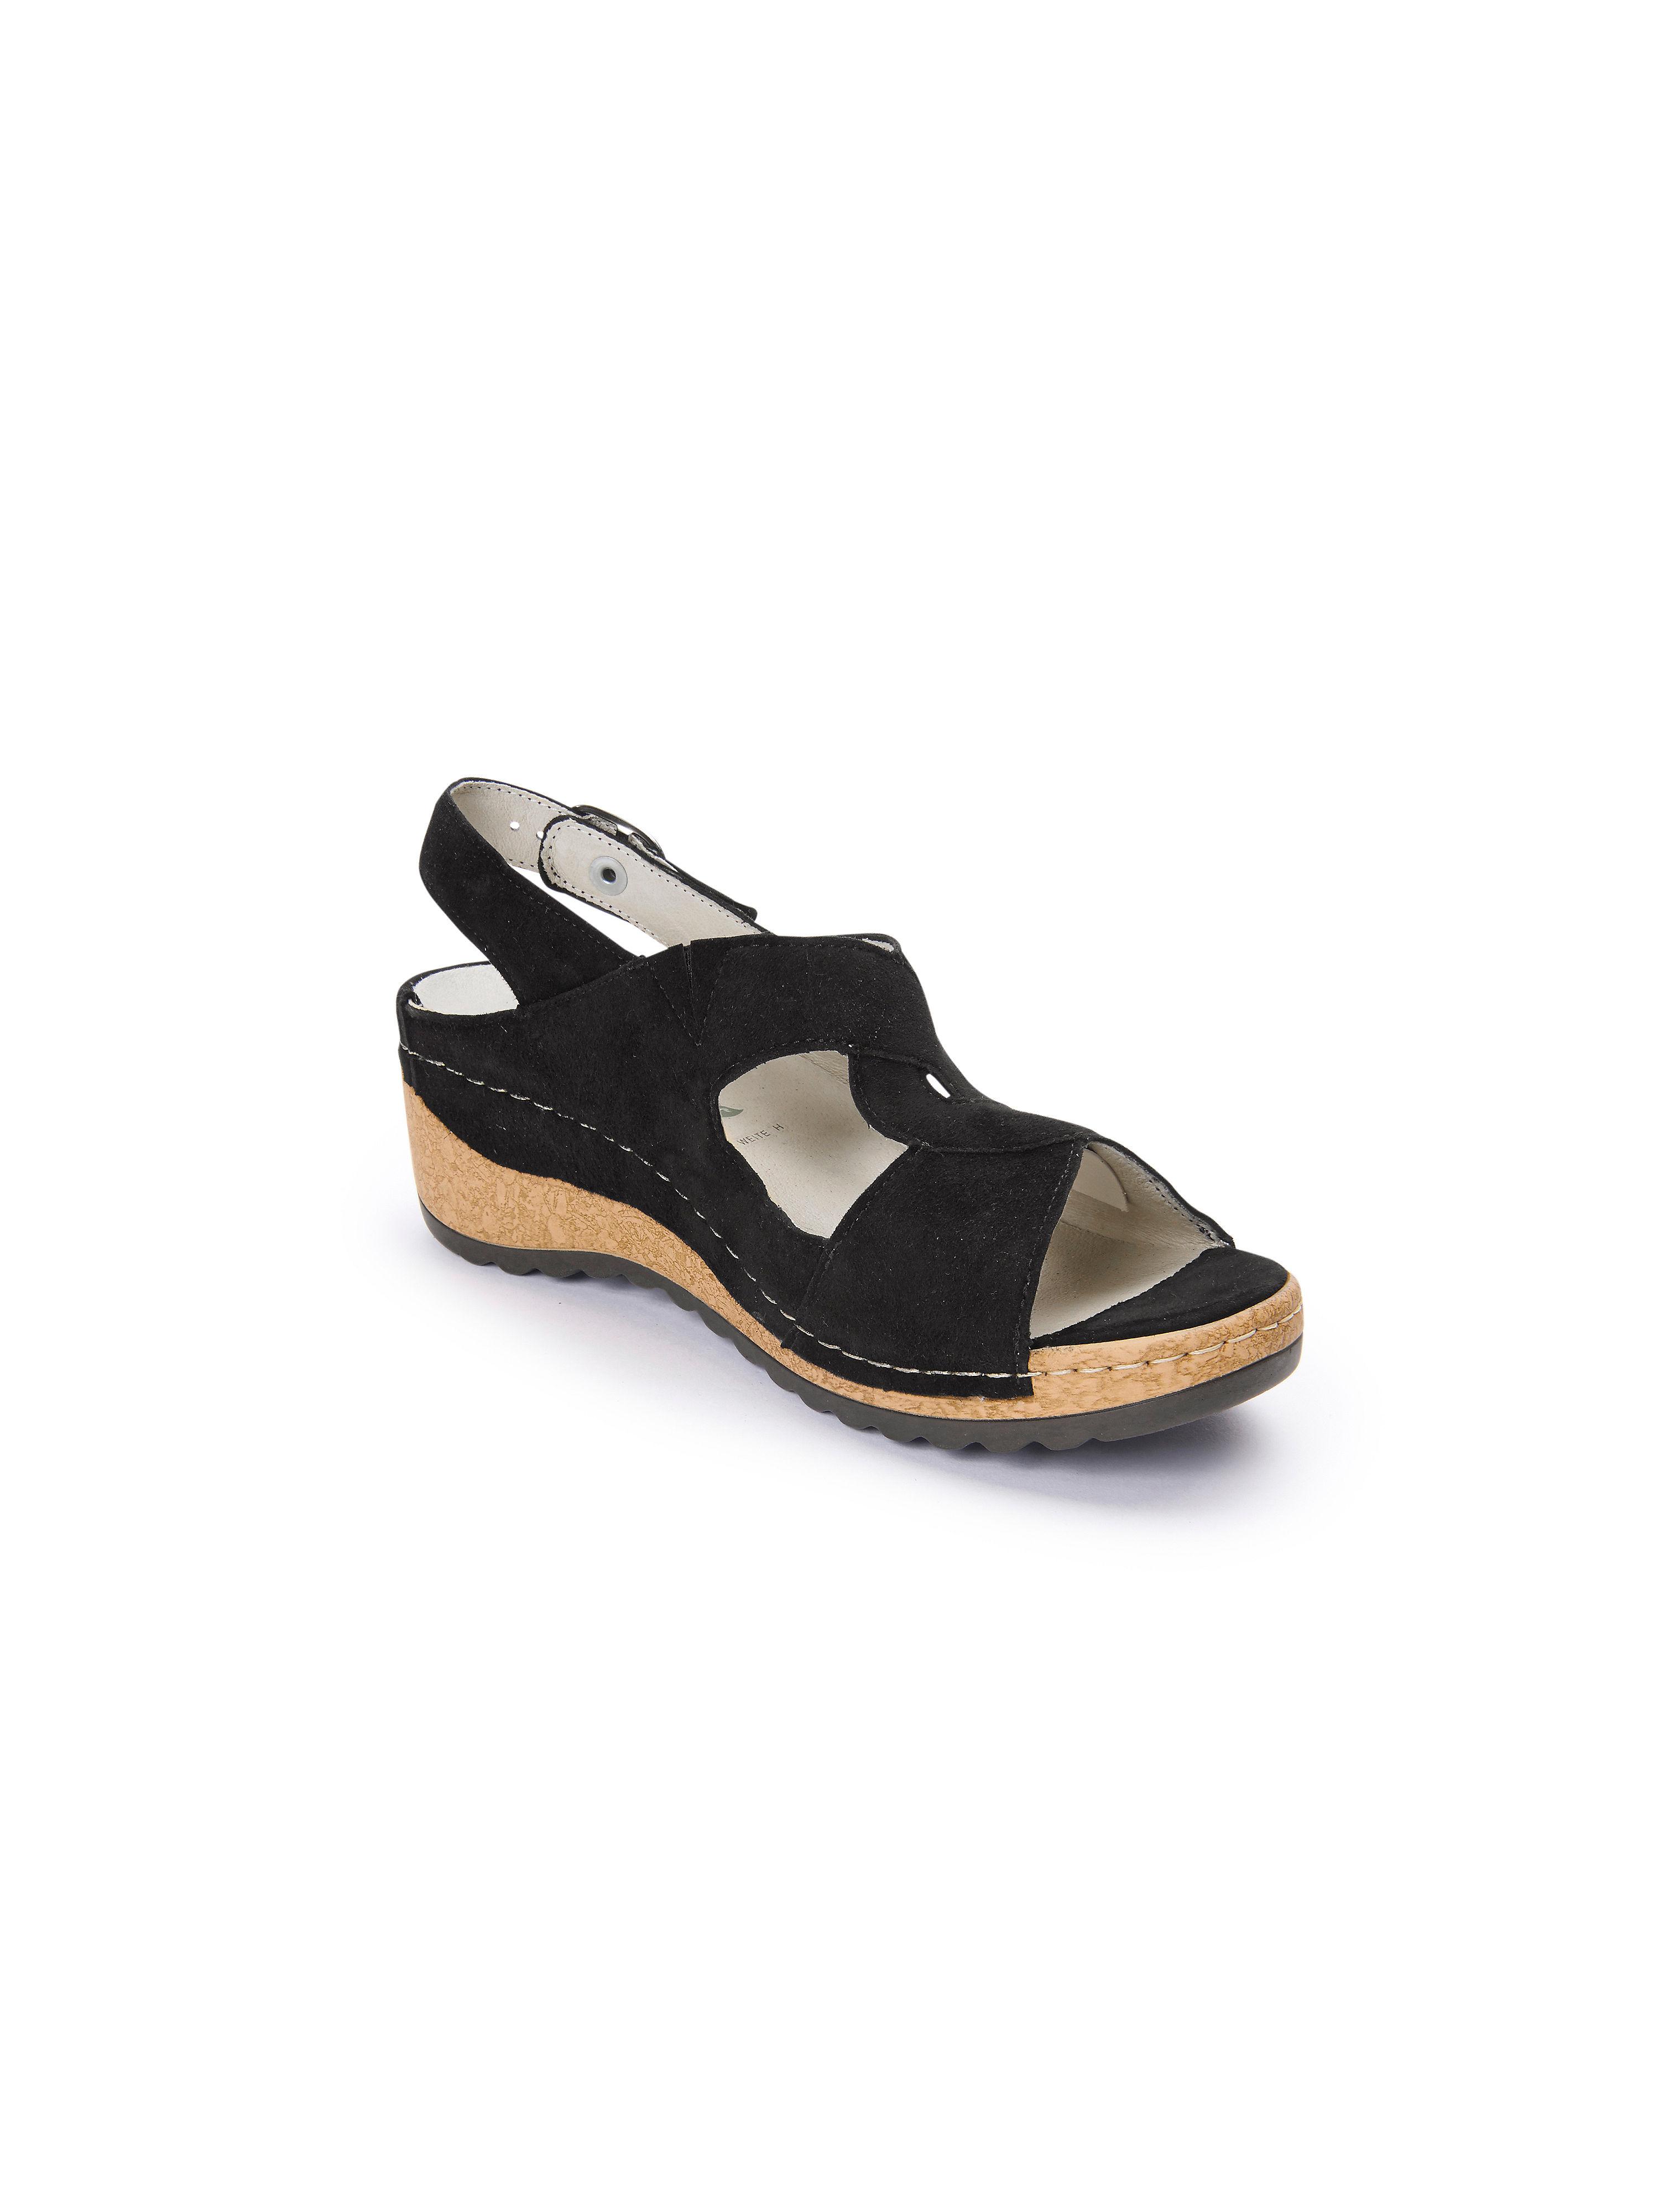 Waldläufer - Sandale Hanila aus 100% Leder - Schwarz Gute Qualität beliebte Schuhe